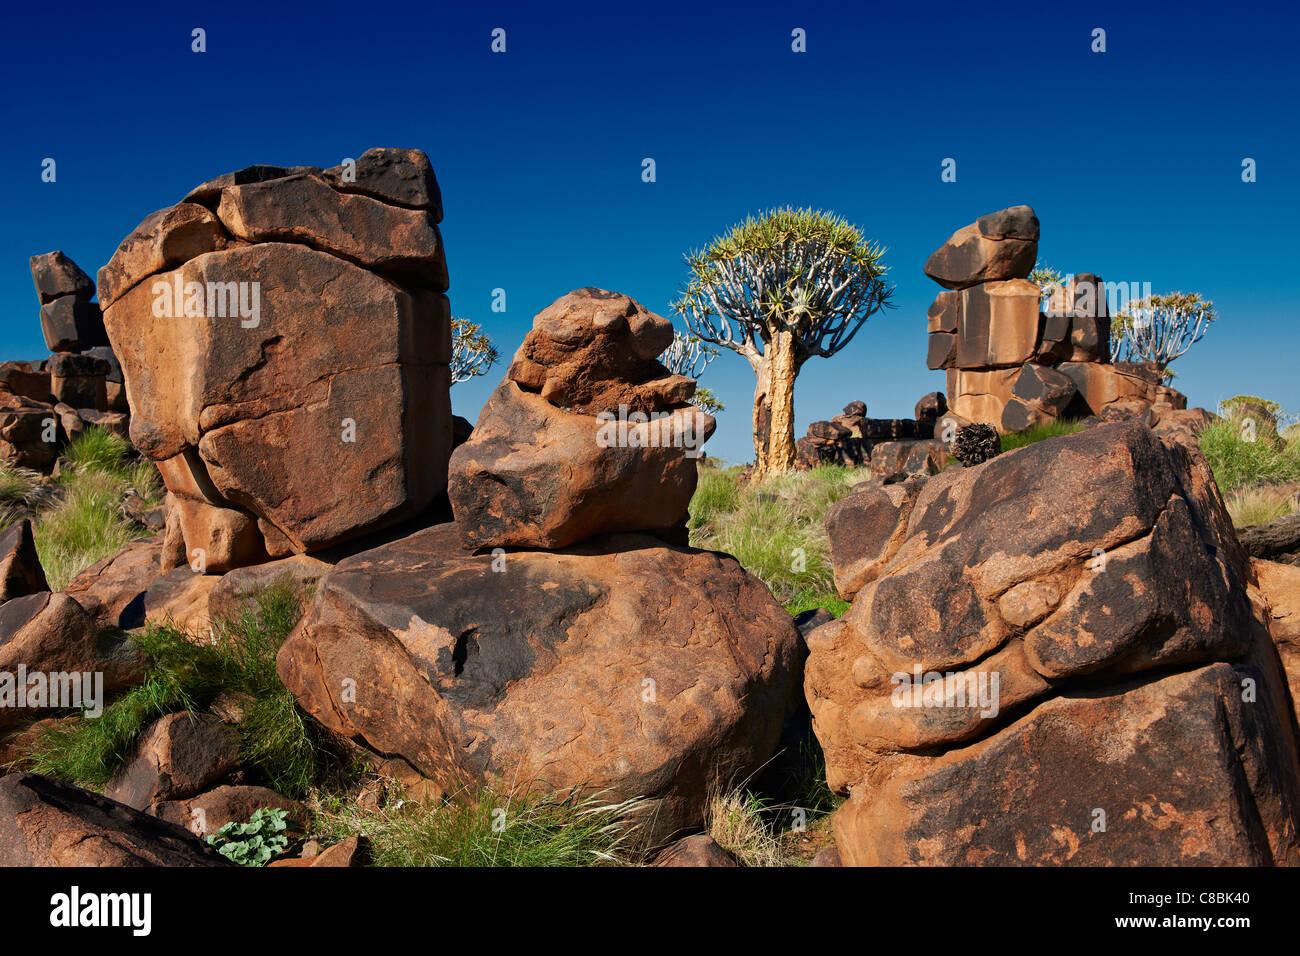 El carcaj de bosque de árboles, Aloe dichotoma, Granja Garas, sitio fósil Mesosaurus, Keetmanshoop, Namibia, Imagen De Stock